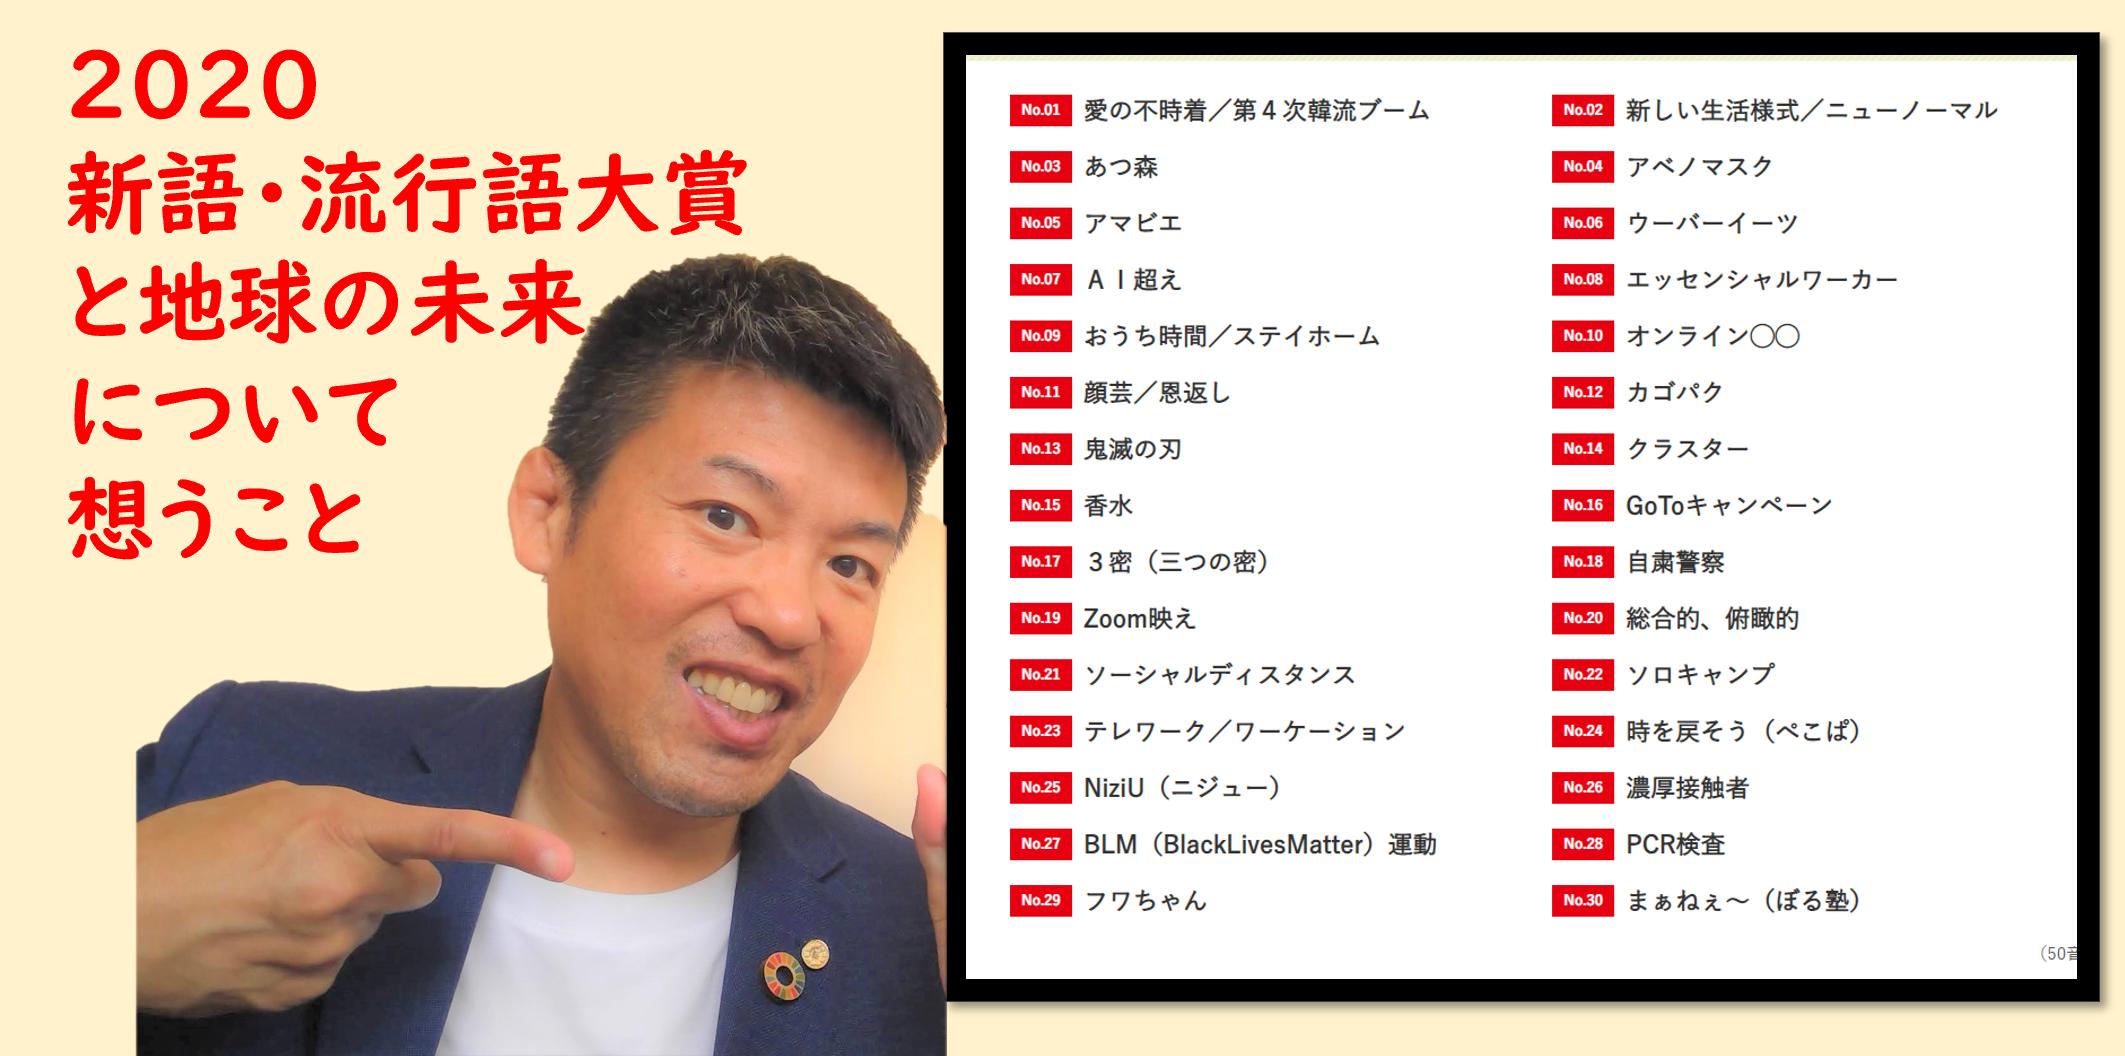 2020ユーキャン新語流行語大賞とSDGs